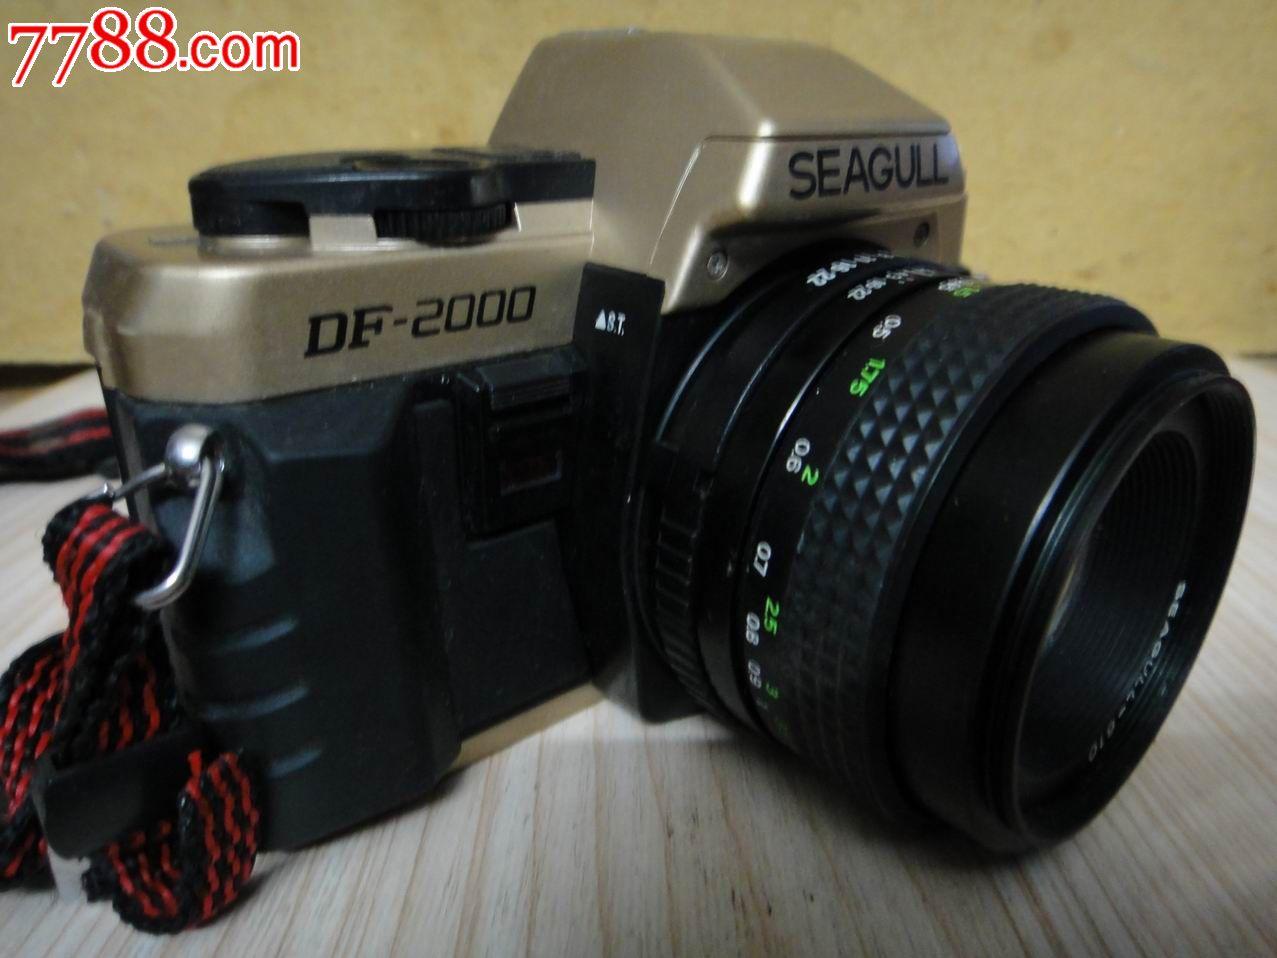 完好【海鸥df-2000】单反相机